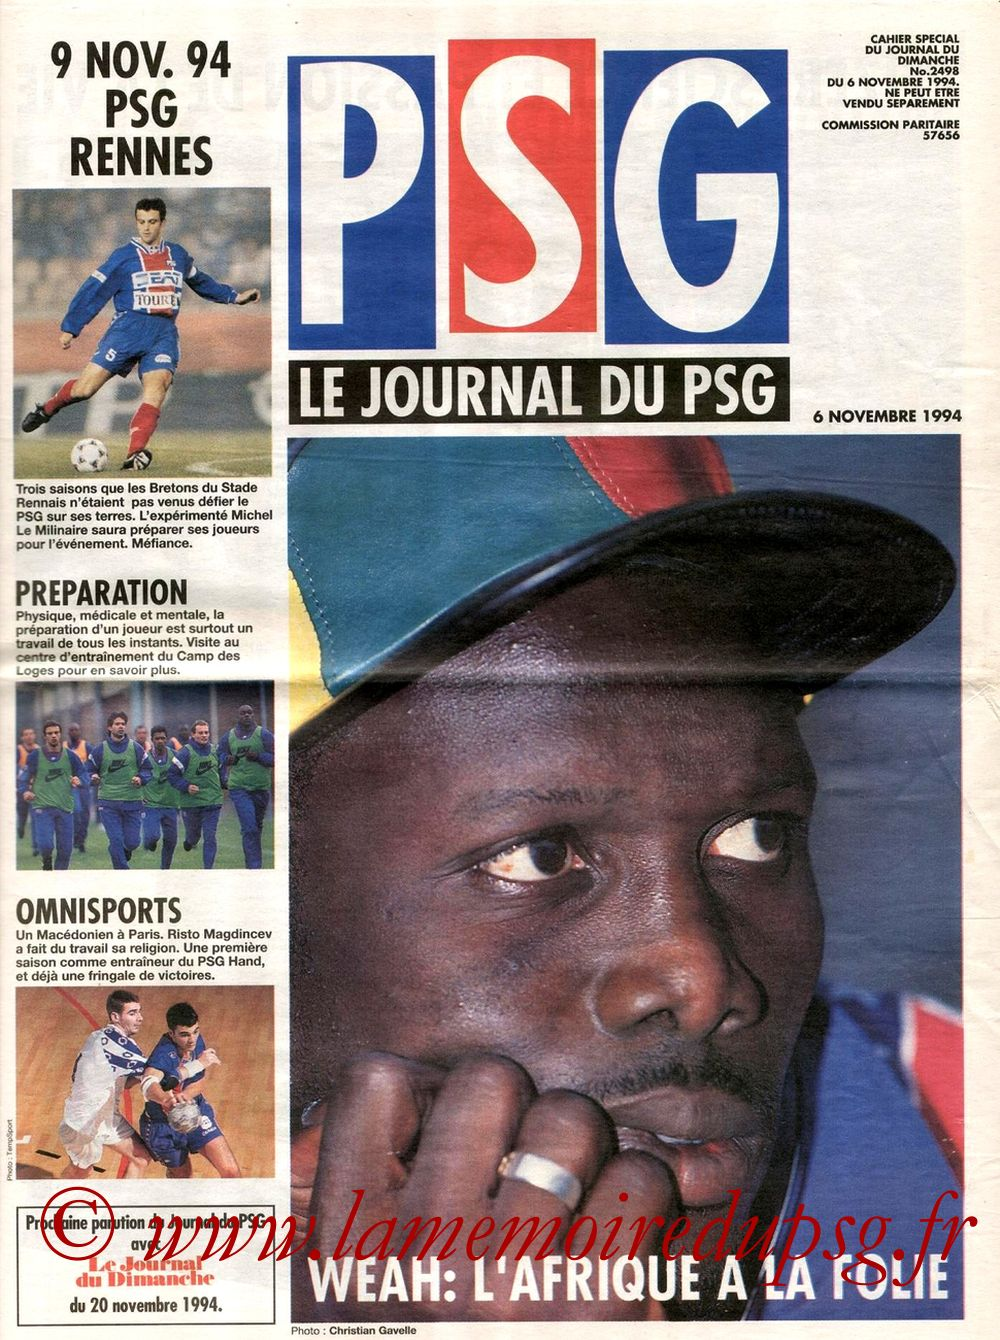 1994-11-09  PSG-Rennes (17ème D1, Le journal du PSG N°7)